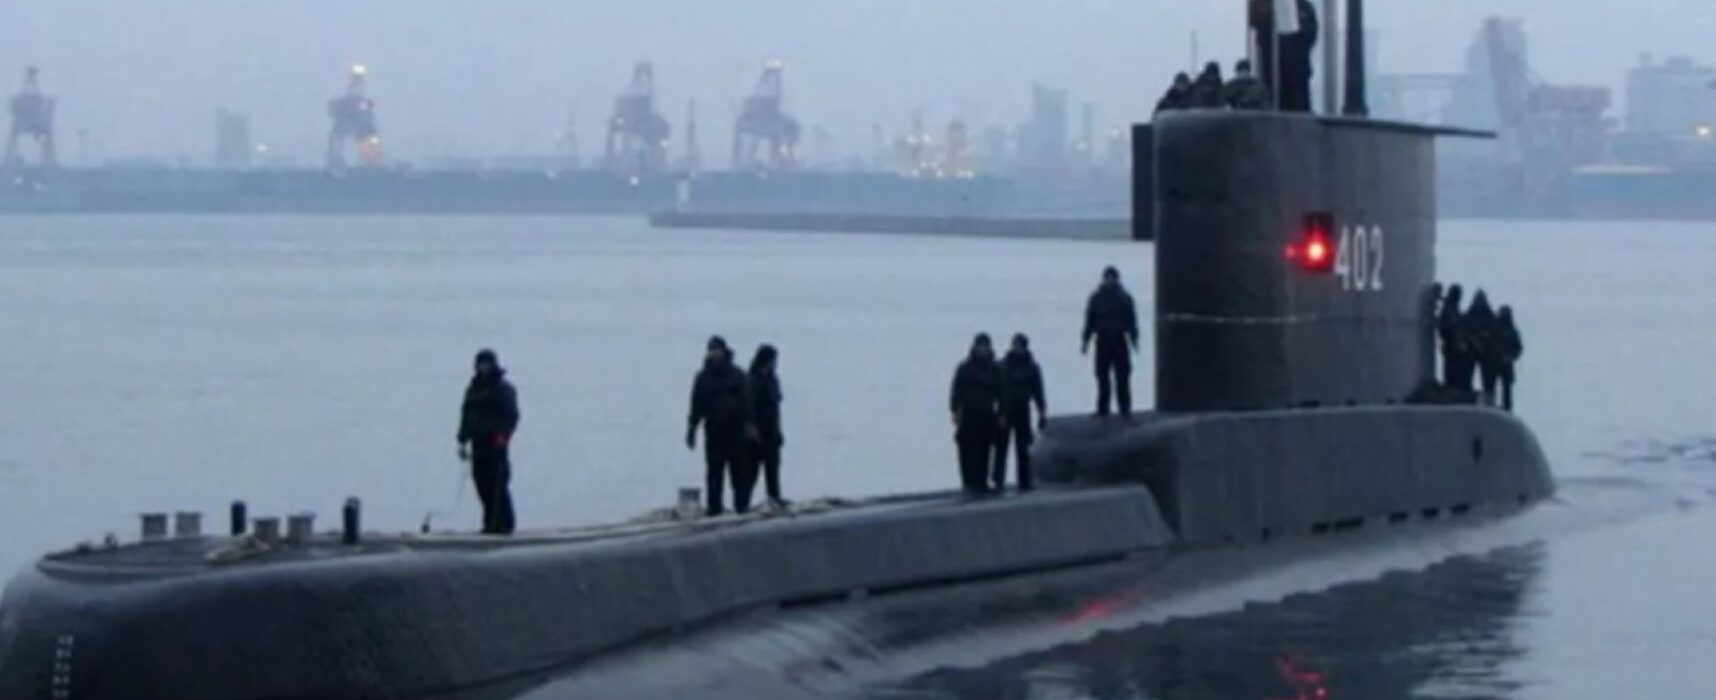 Submarino com 53 tripulantes desaparece na Indonésia